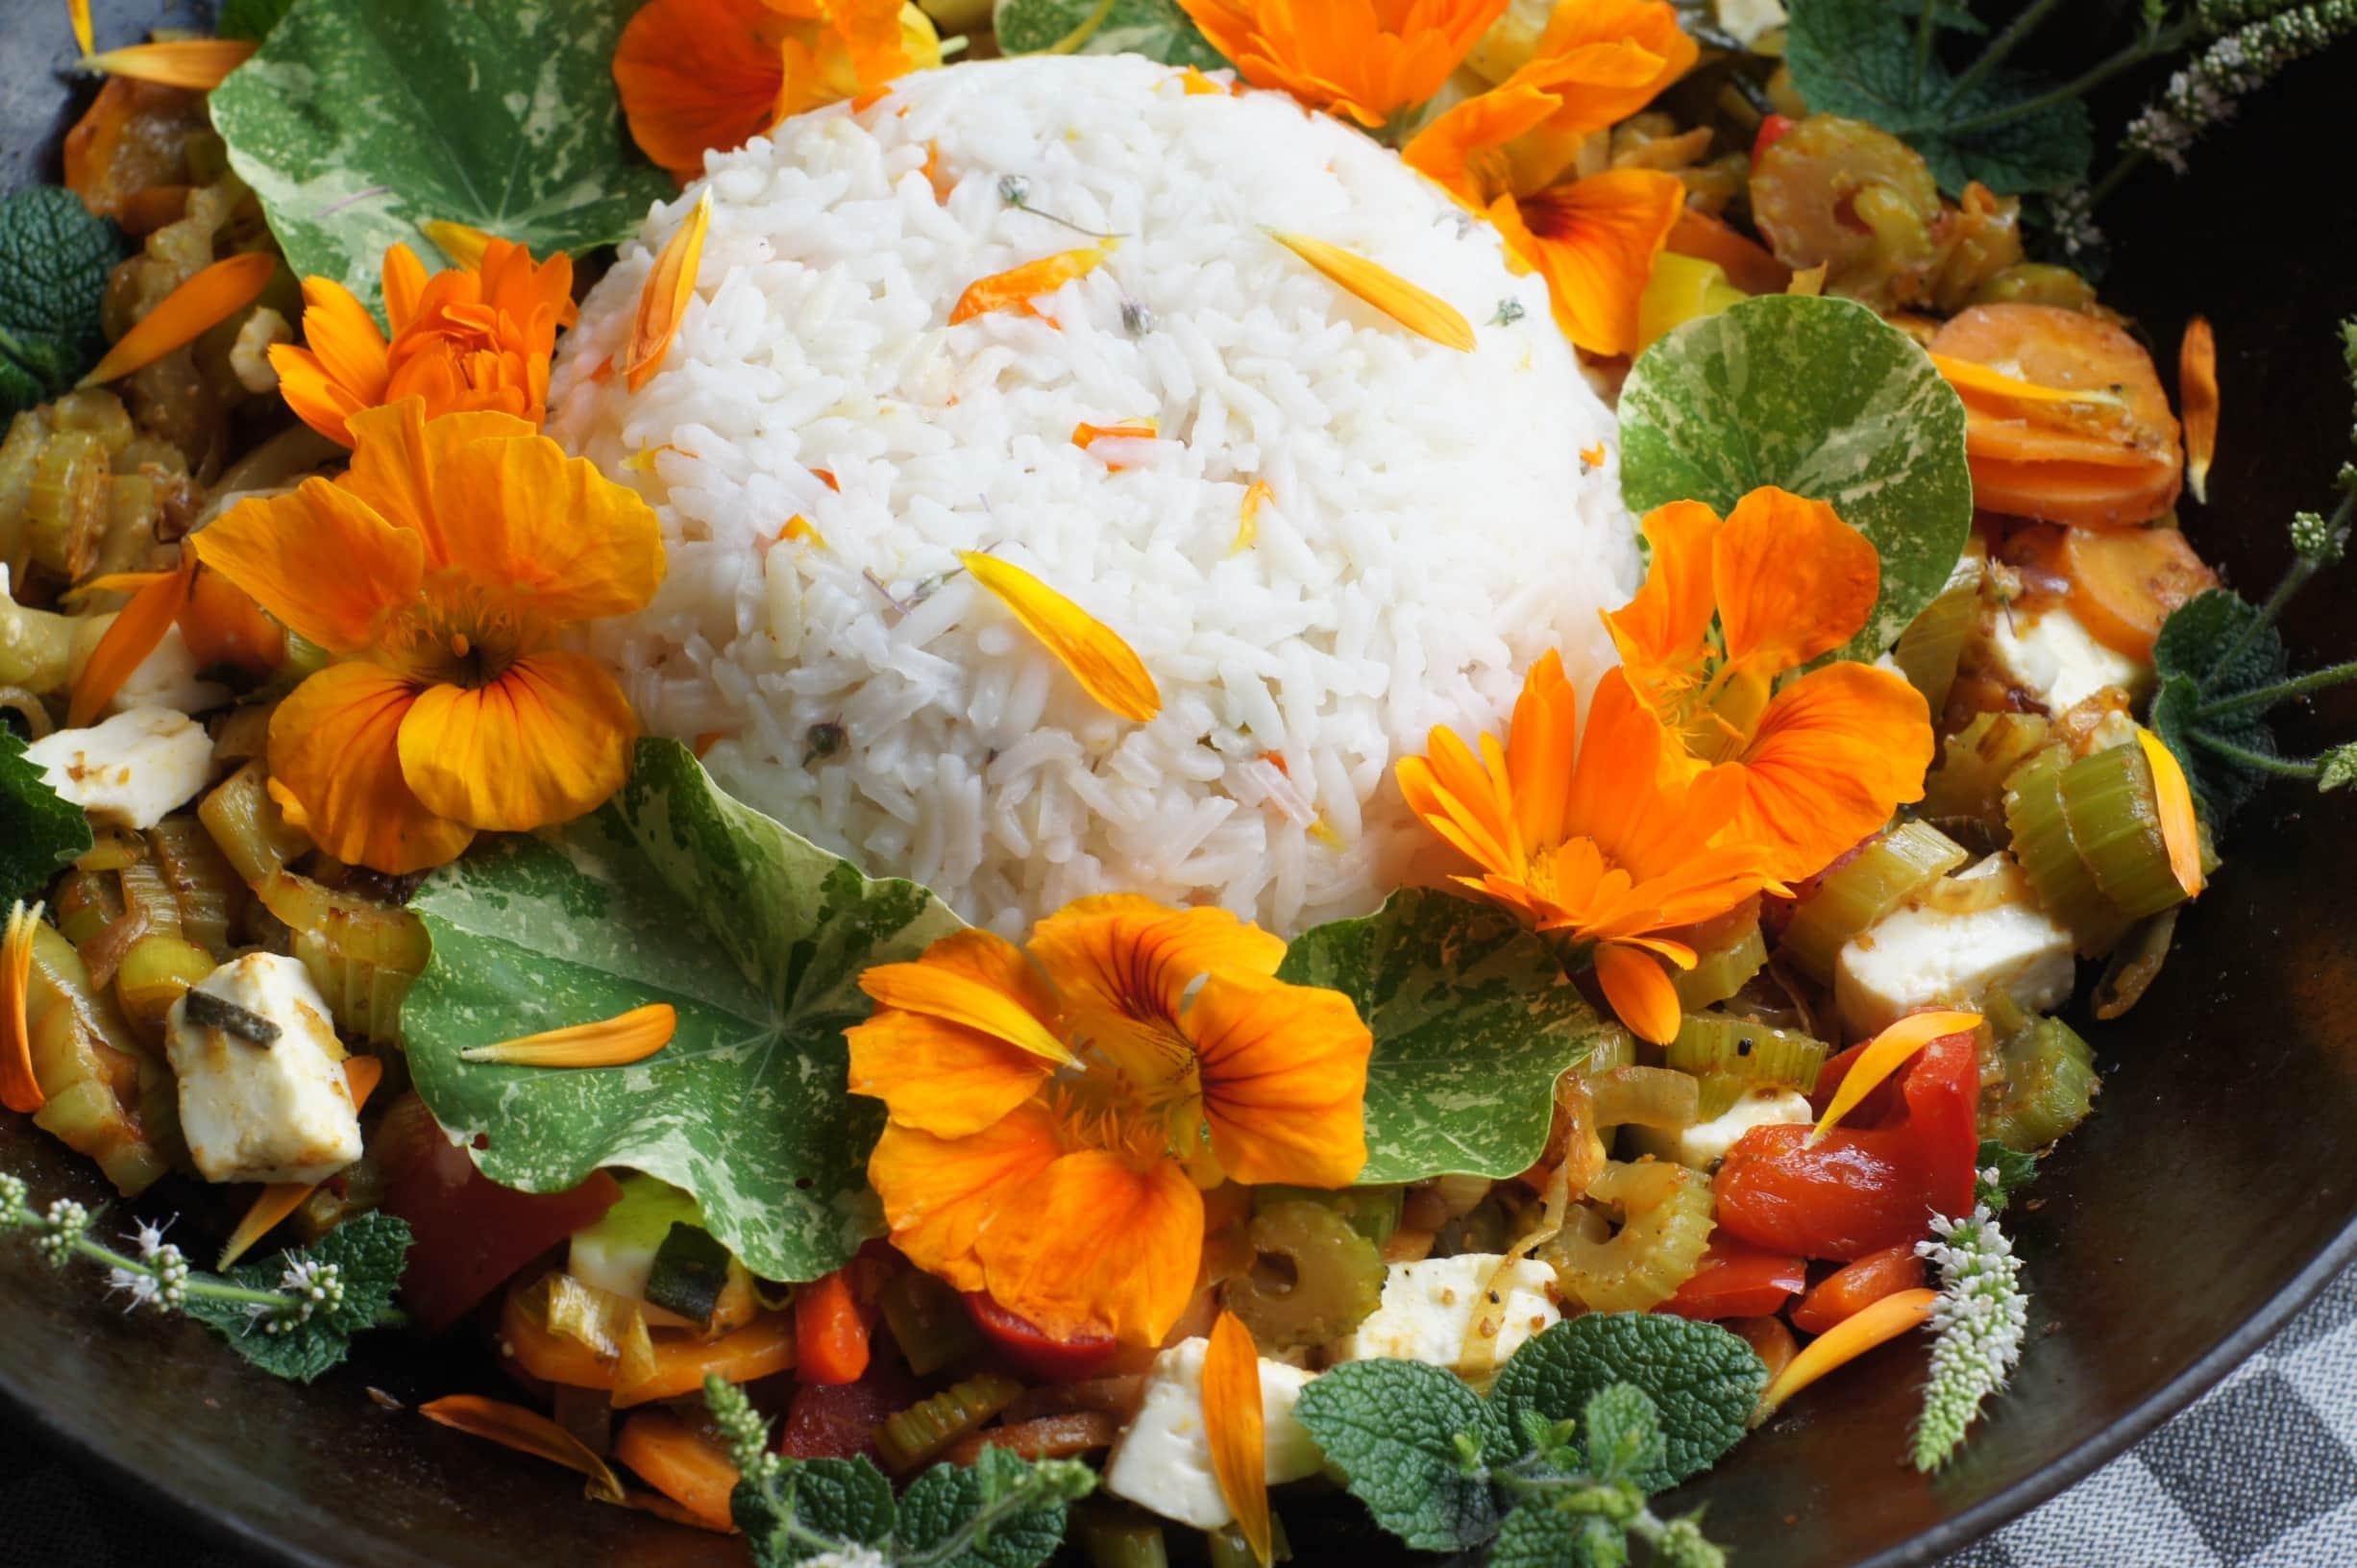 rijst met een bloemenkrans van munt, goudsbloemen en Oost-Indische kers